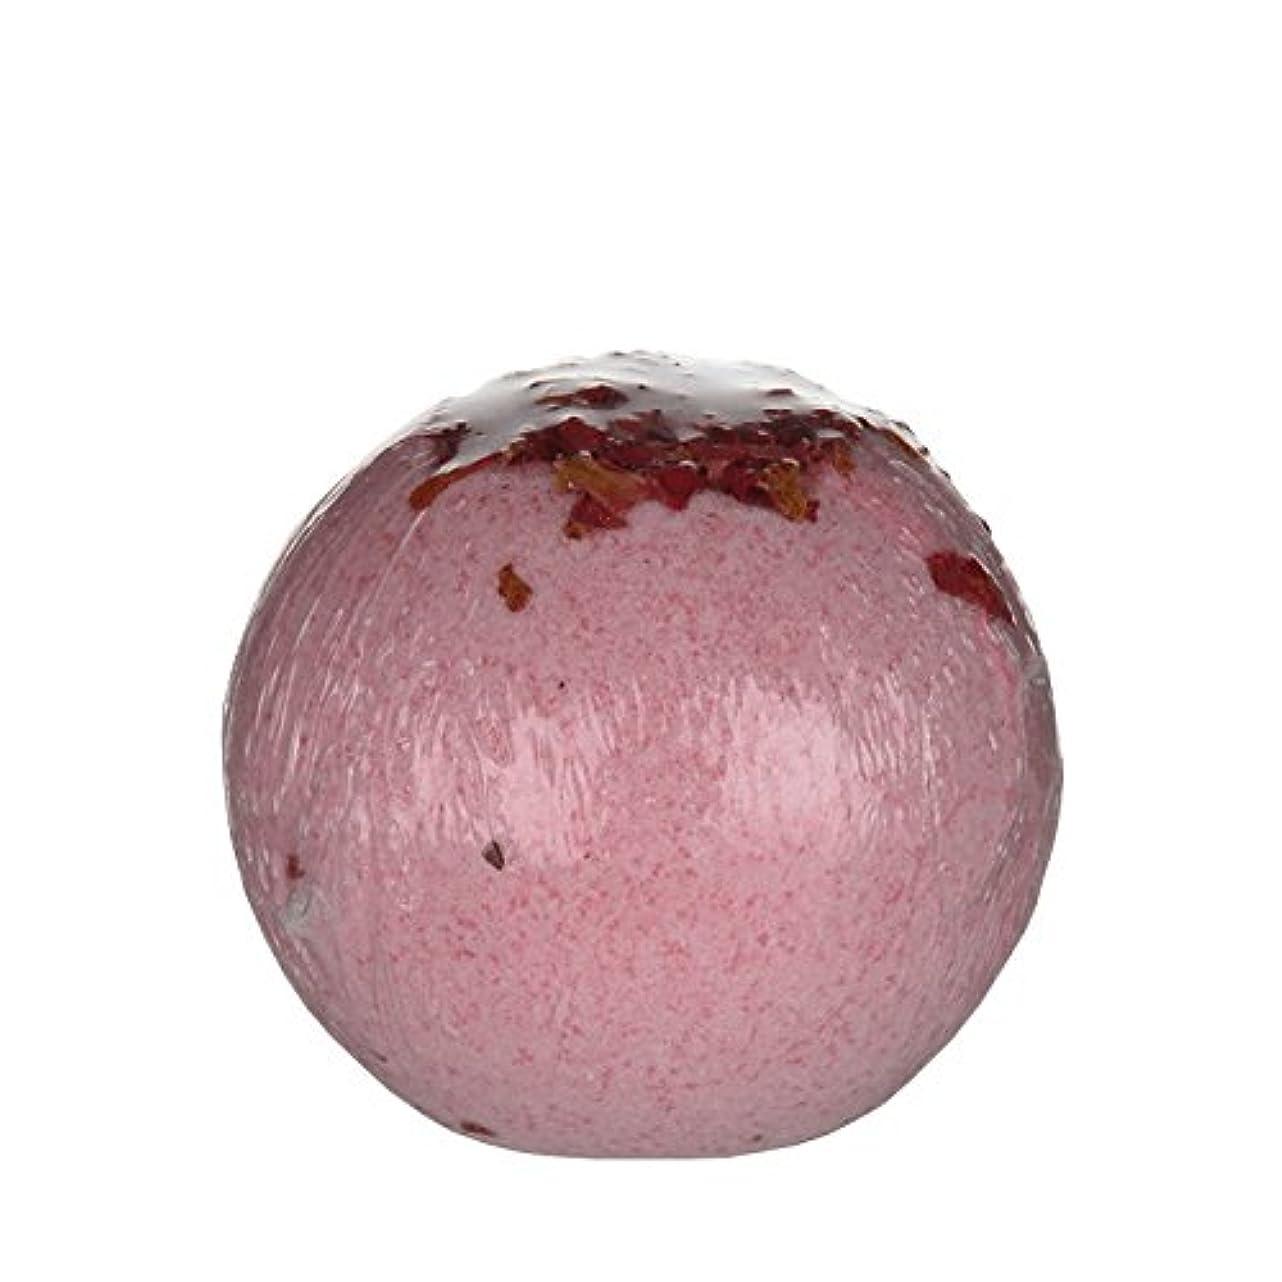 申し立てられた市民権優しいTreetsバスボールラベンダーの愛の170グラム - Treets Bath Ball Lavender Love 170g (Treets) [並行輸入品]